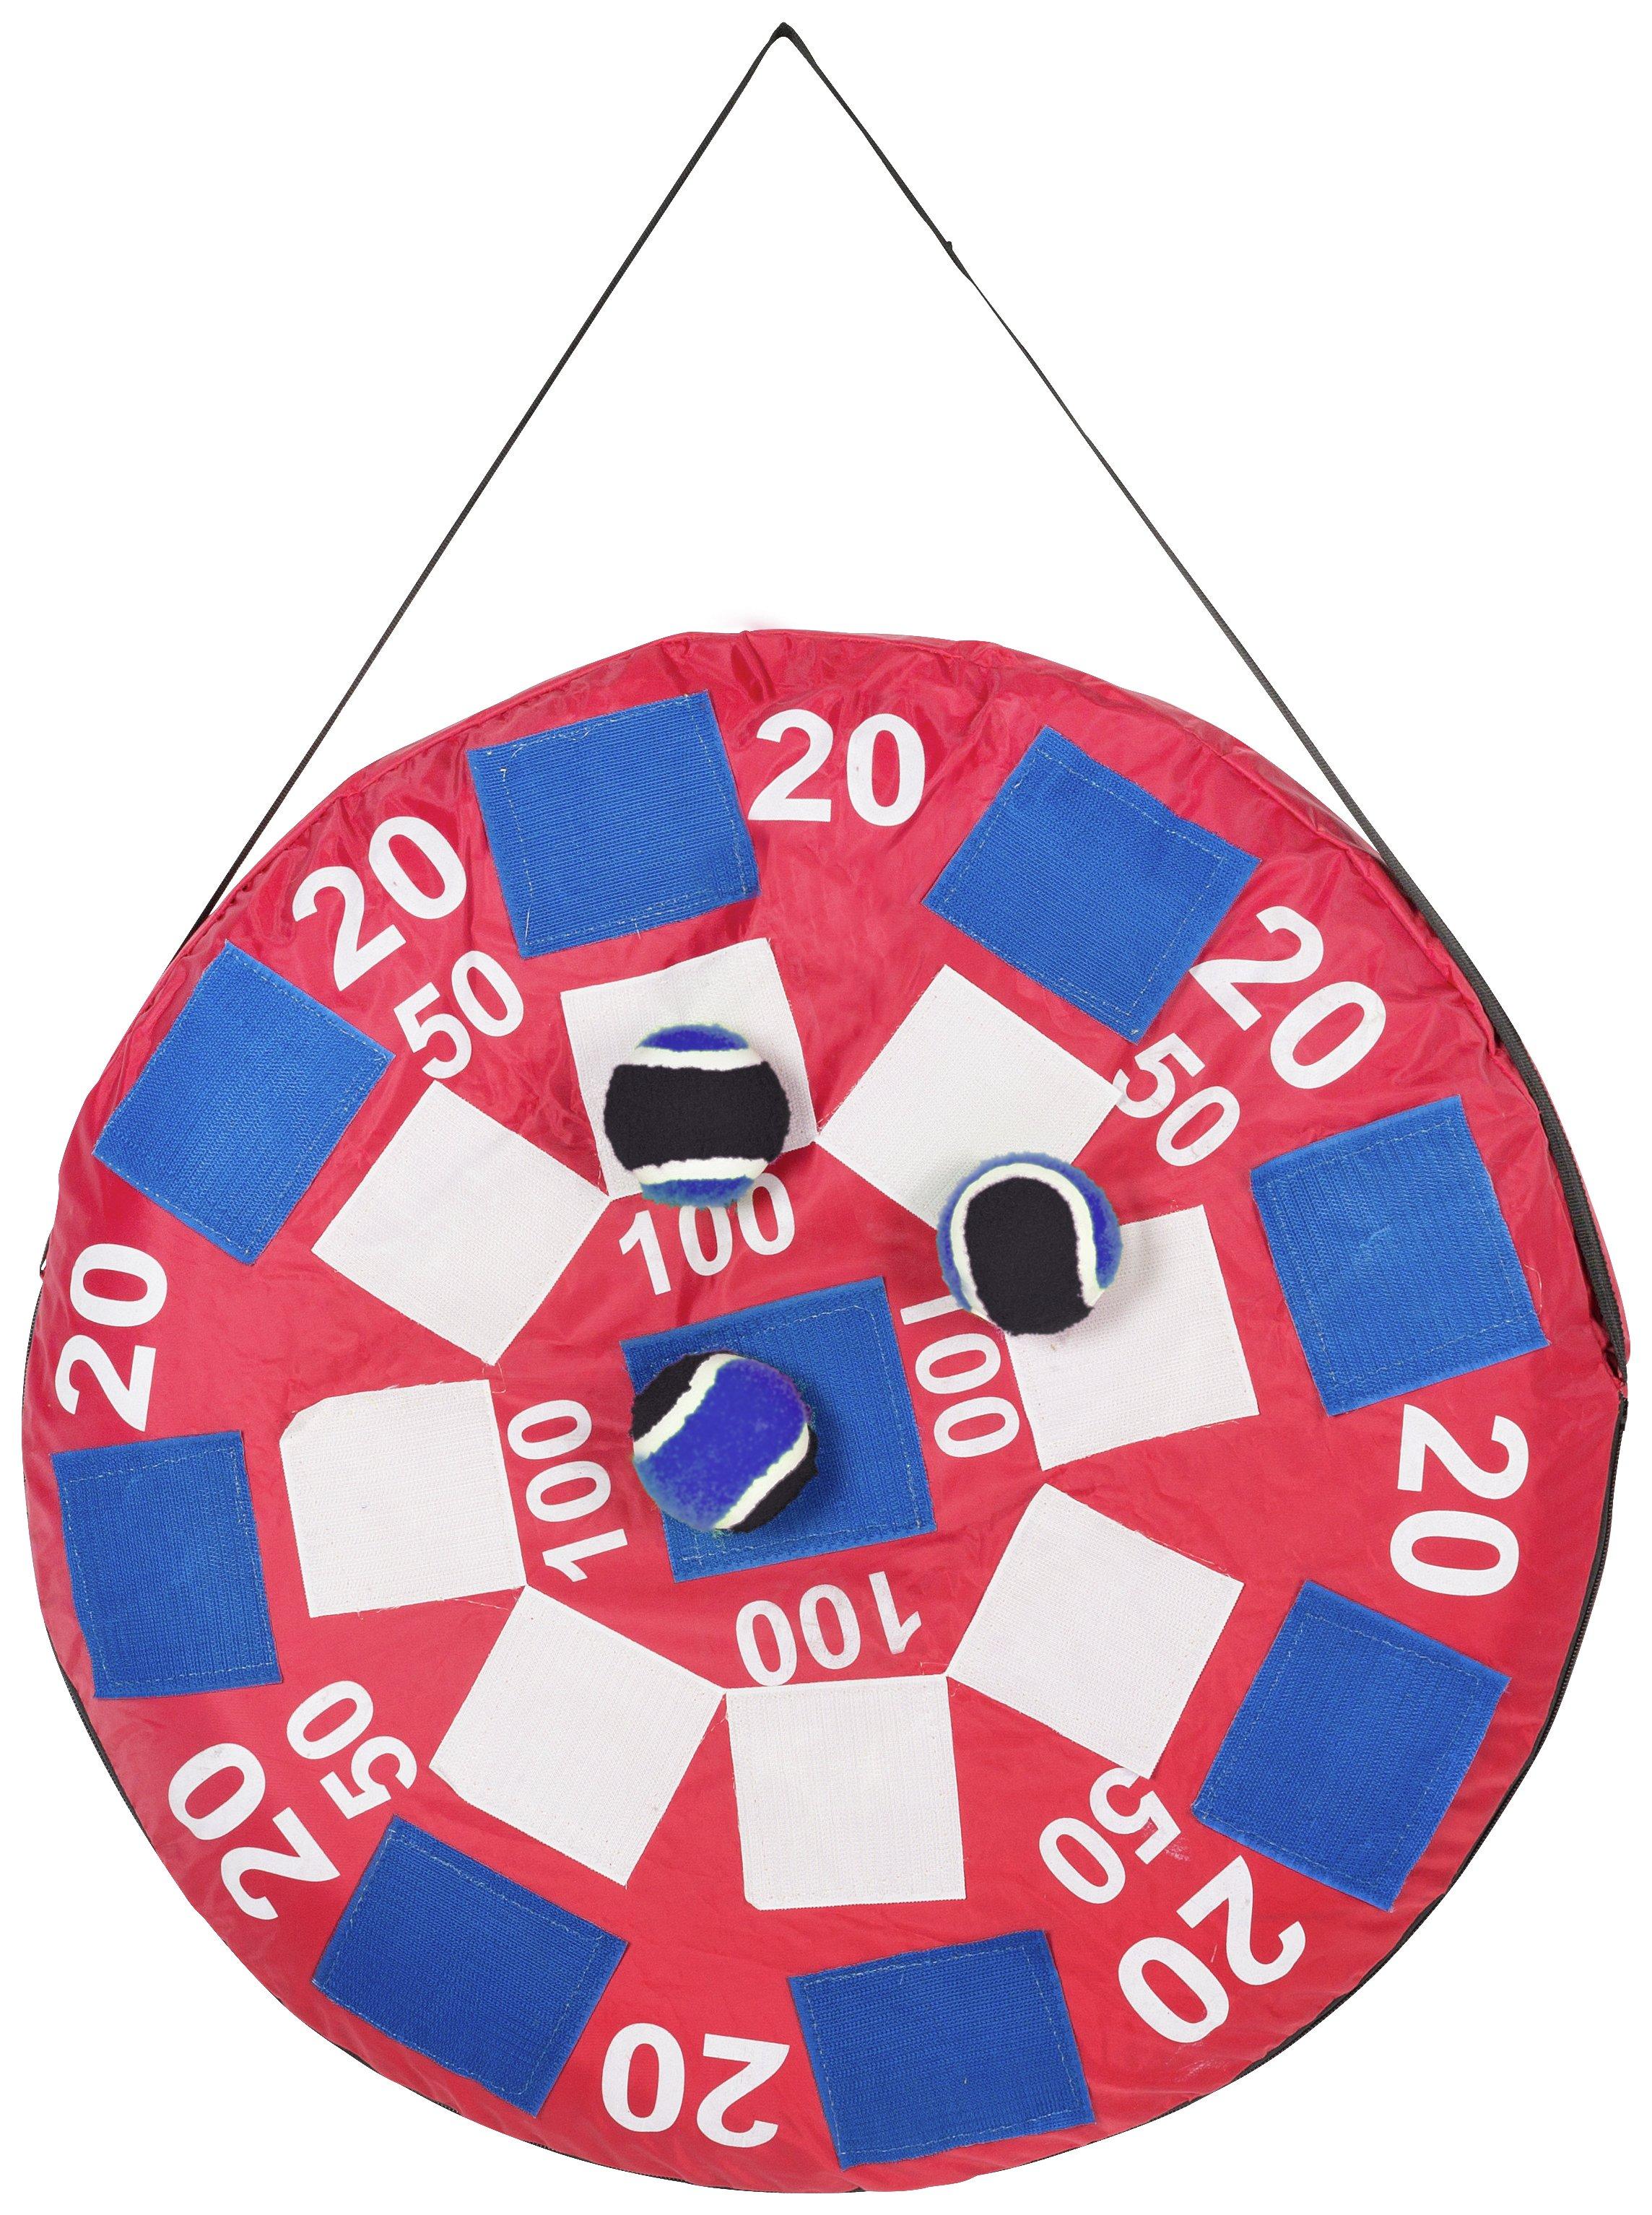 BuitenSpeel Inflatable Darts Game.